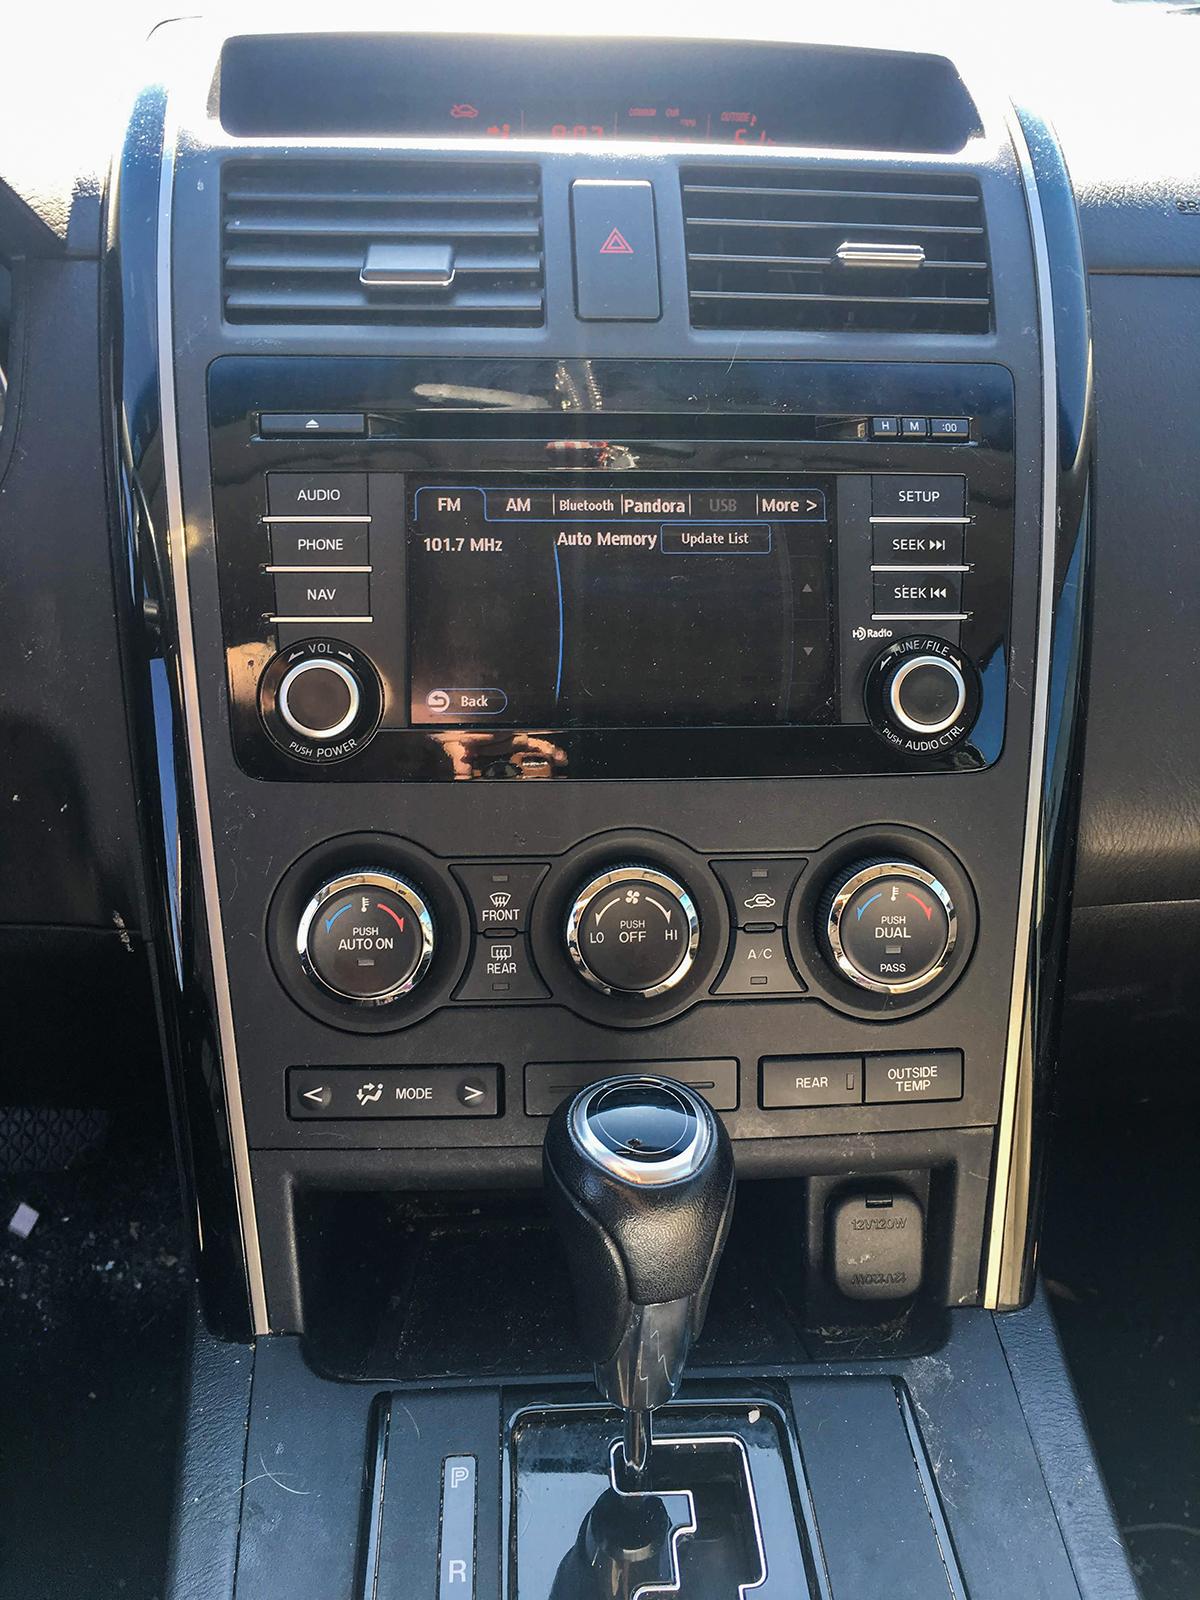 2015 Mazda Cx9 Stereo Before.jpg